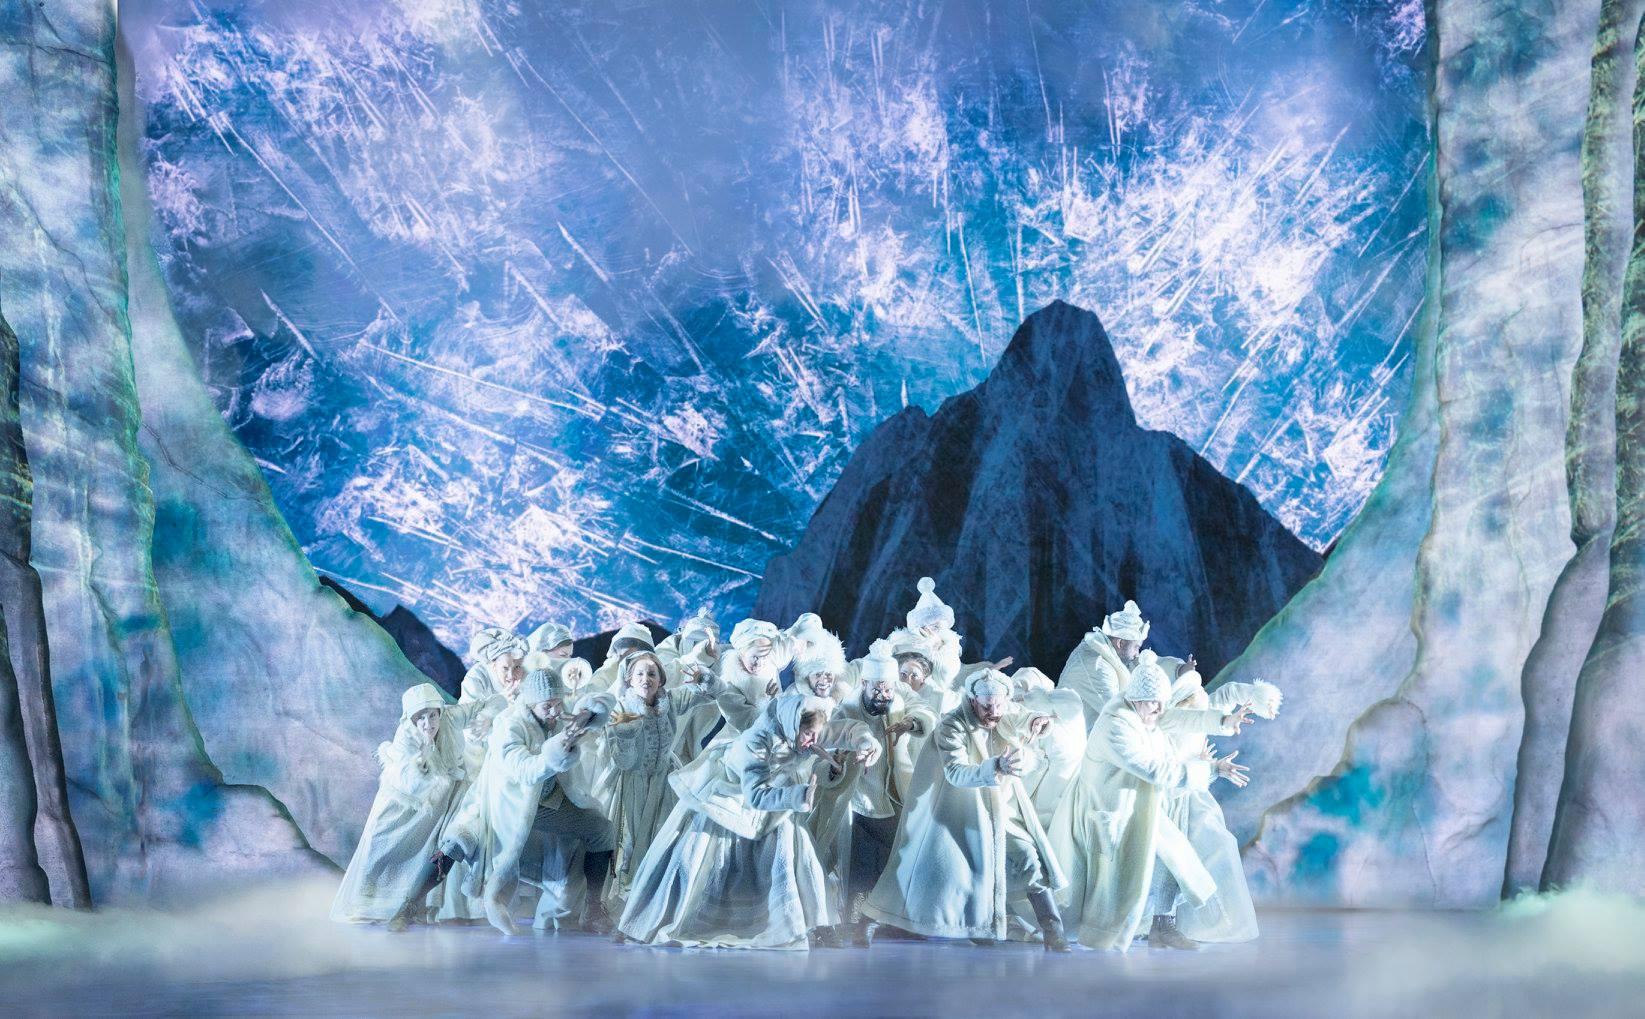 Frozen: Frozen The Musical